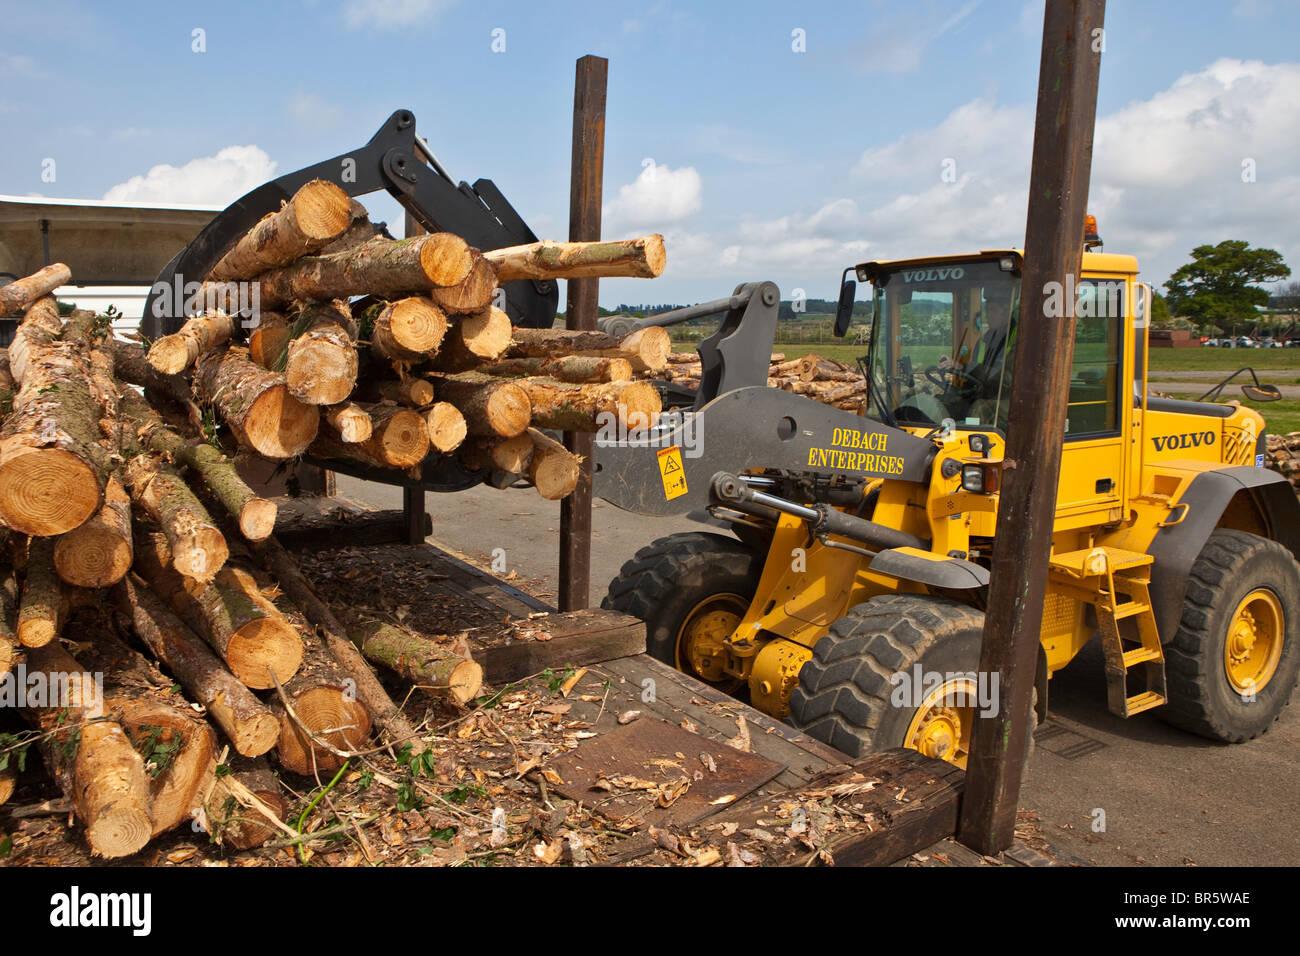 Frisch geschnittene Bäume aus nachhaltigen Wäldern werden gestapelt zu trocknen, bevor in Splitt verwandelt Stockbild